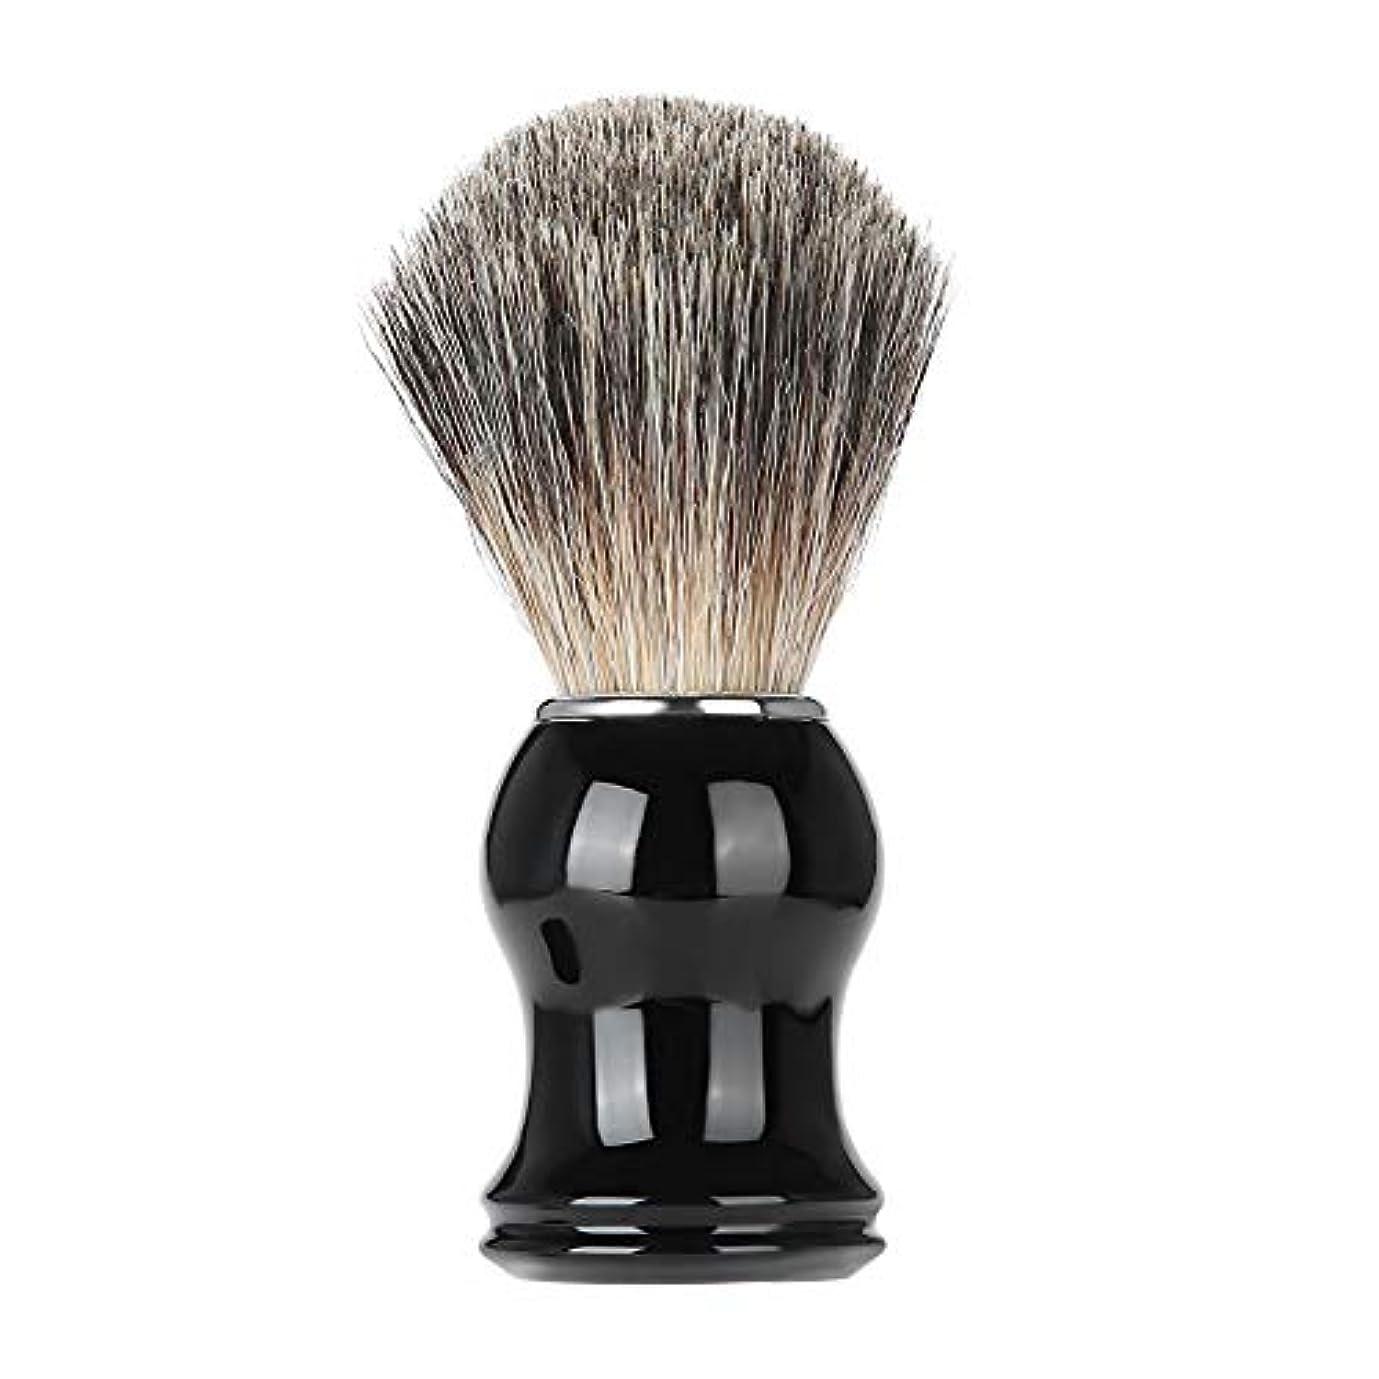 論争的それにもかかわらず運賃Nitrip シェービングブラシ ひげブラシ ひげケア アナグマ毛 理容 洗顔 髭剃り 泡立ち シェービング用アクセサリー 男性用 高級